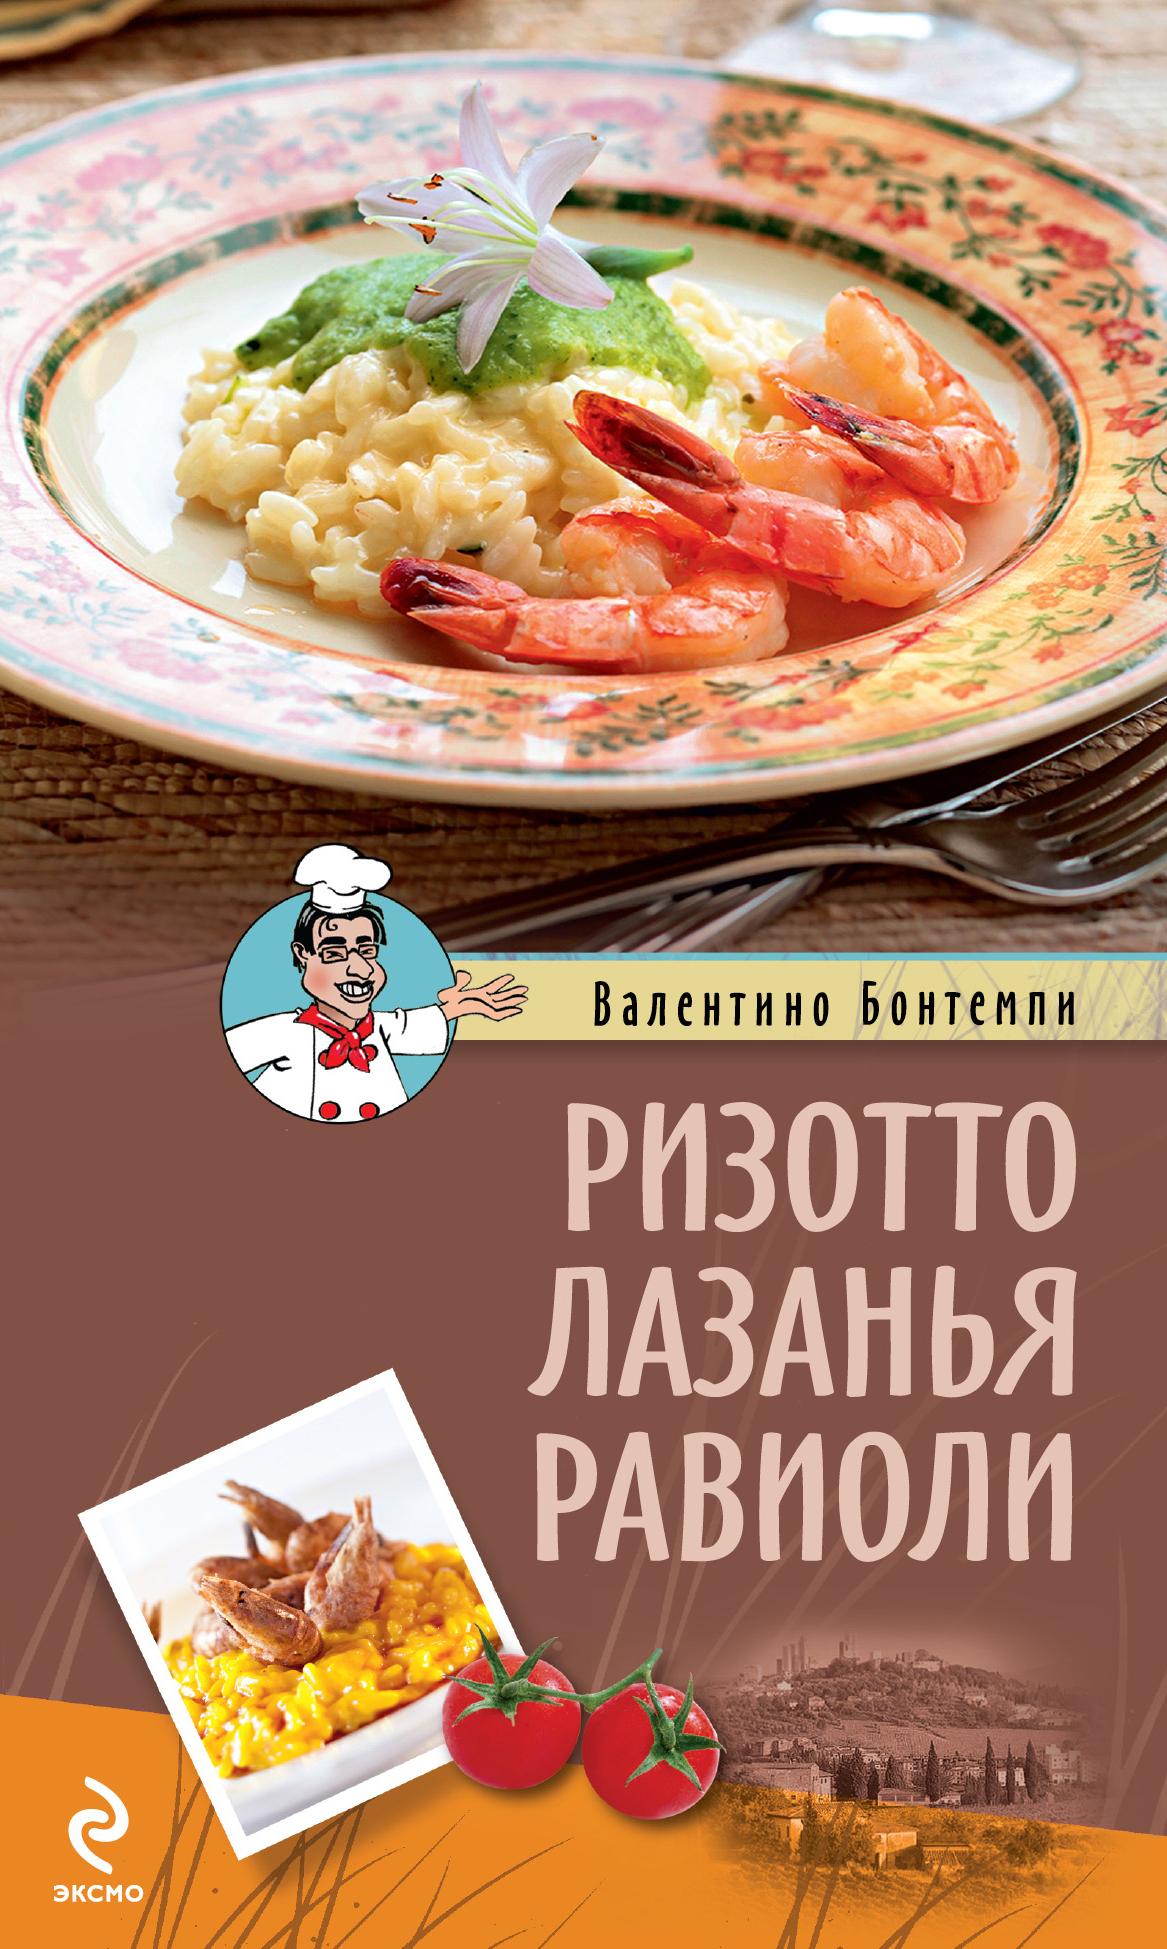 Бонтемпи В. Ризотто. Лазанья. Равиоли ISBN: 978-5-699-56662-4 европейская кухня эксмо 978 5 699 56662 4